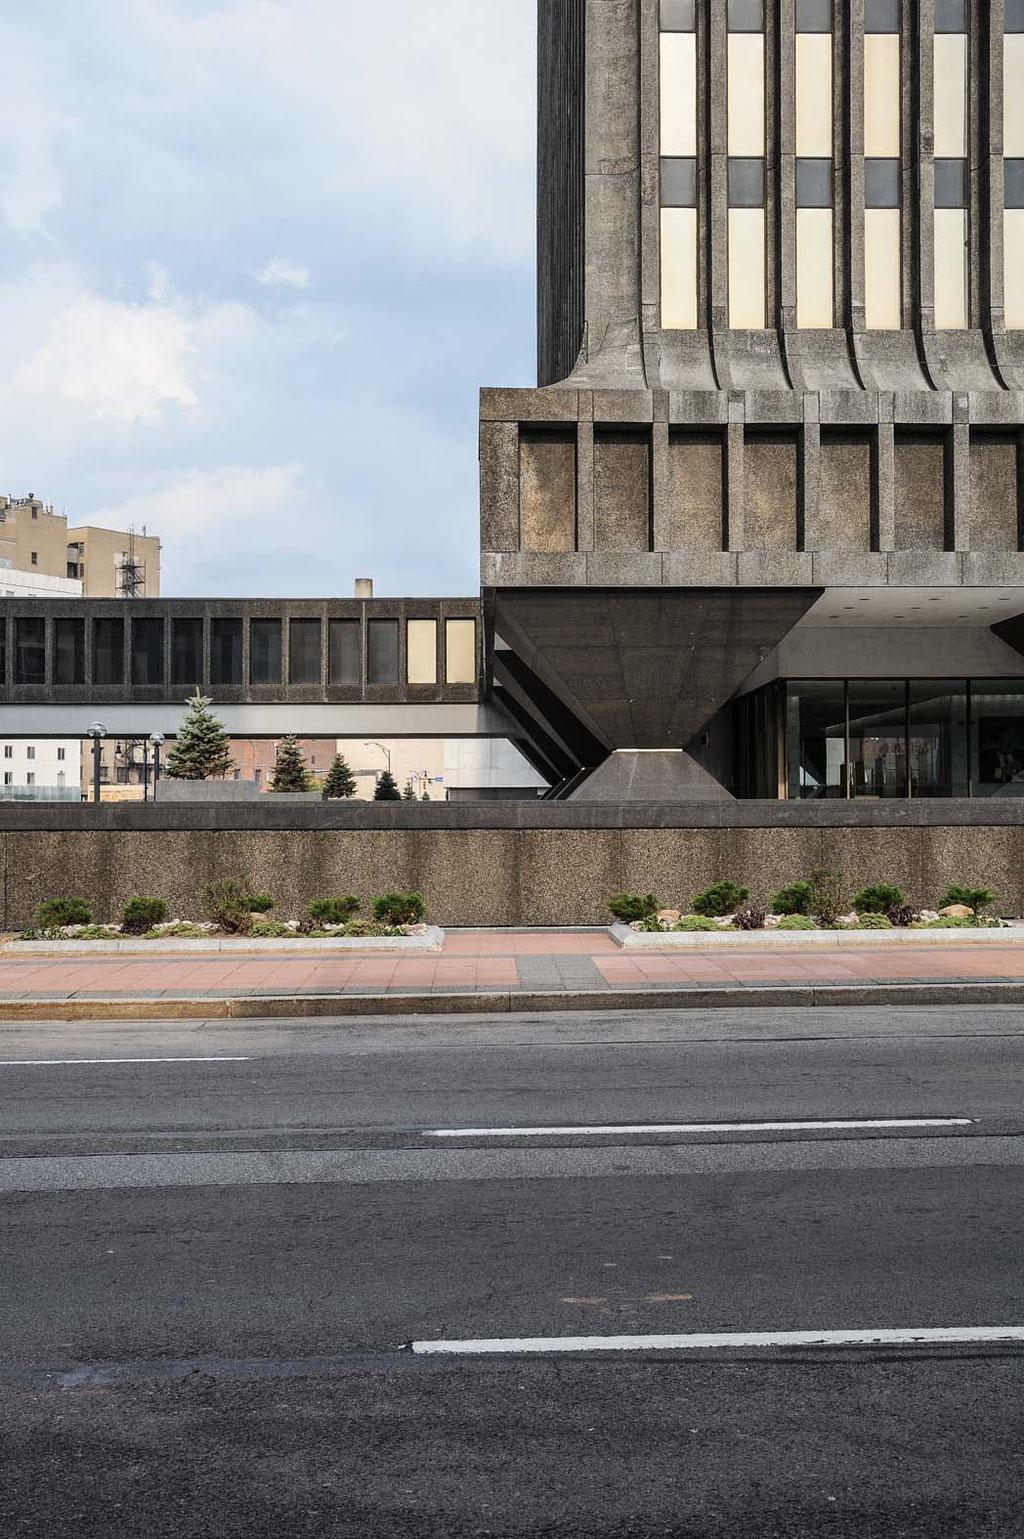 Xerox Tower (Welton Becket & Associates), Rochester (USA)